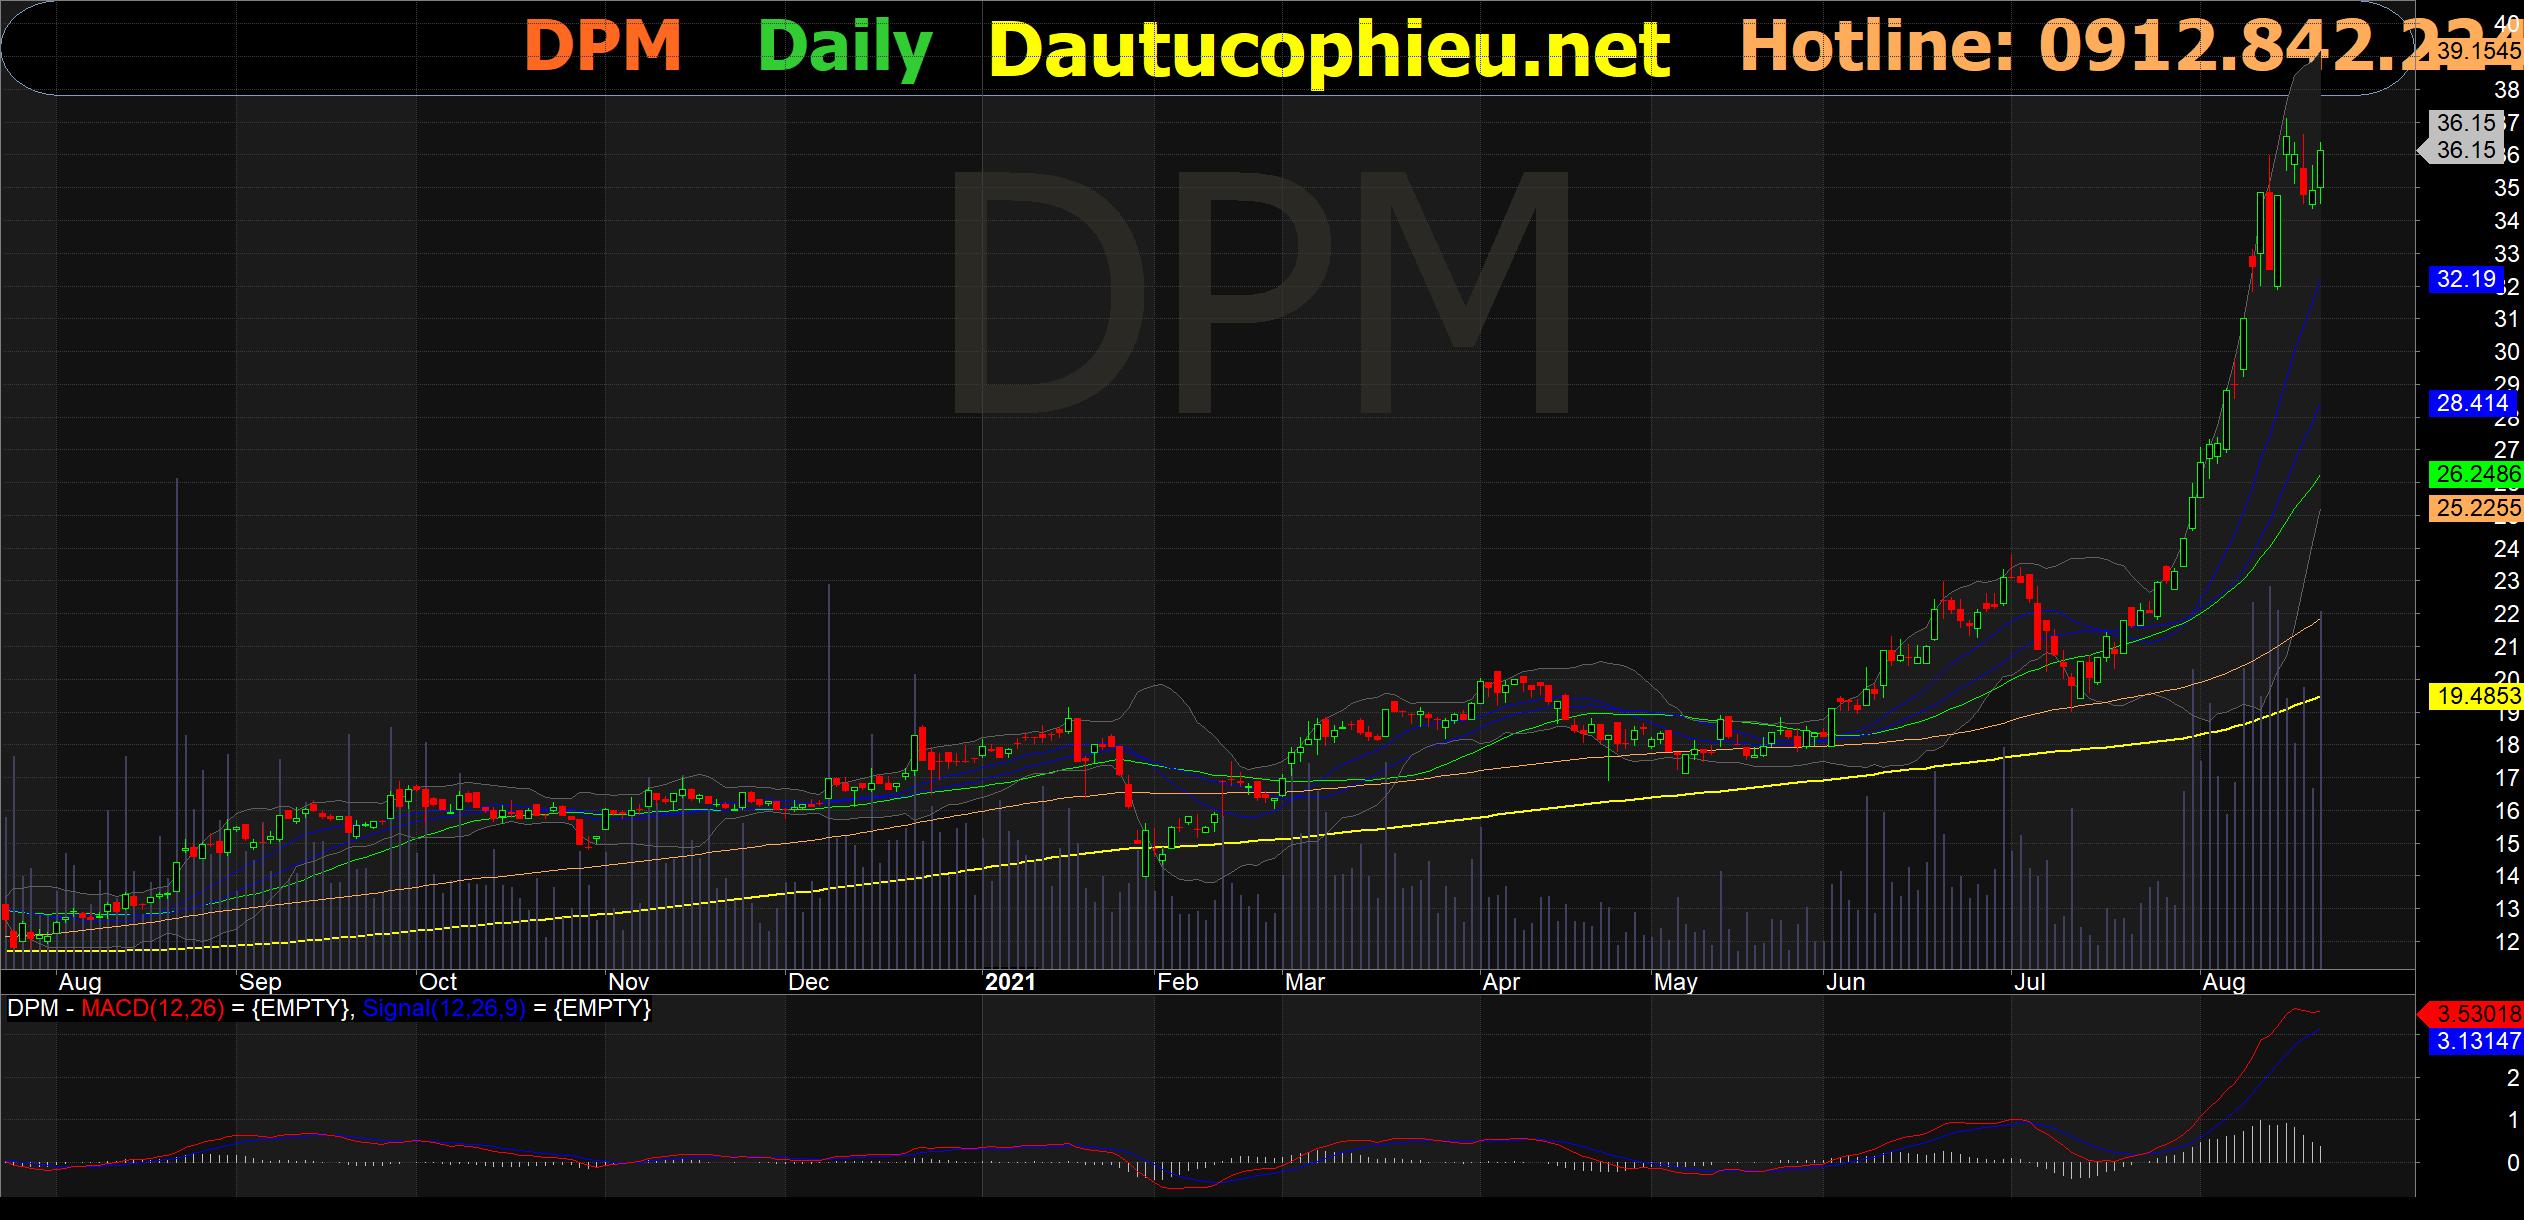 Đồ thị cổ phiếu DPM phiên giao dịch ngày 20/08/2021. Nguồn: AmiBroker